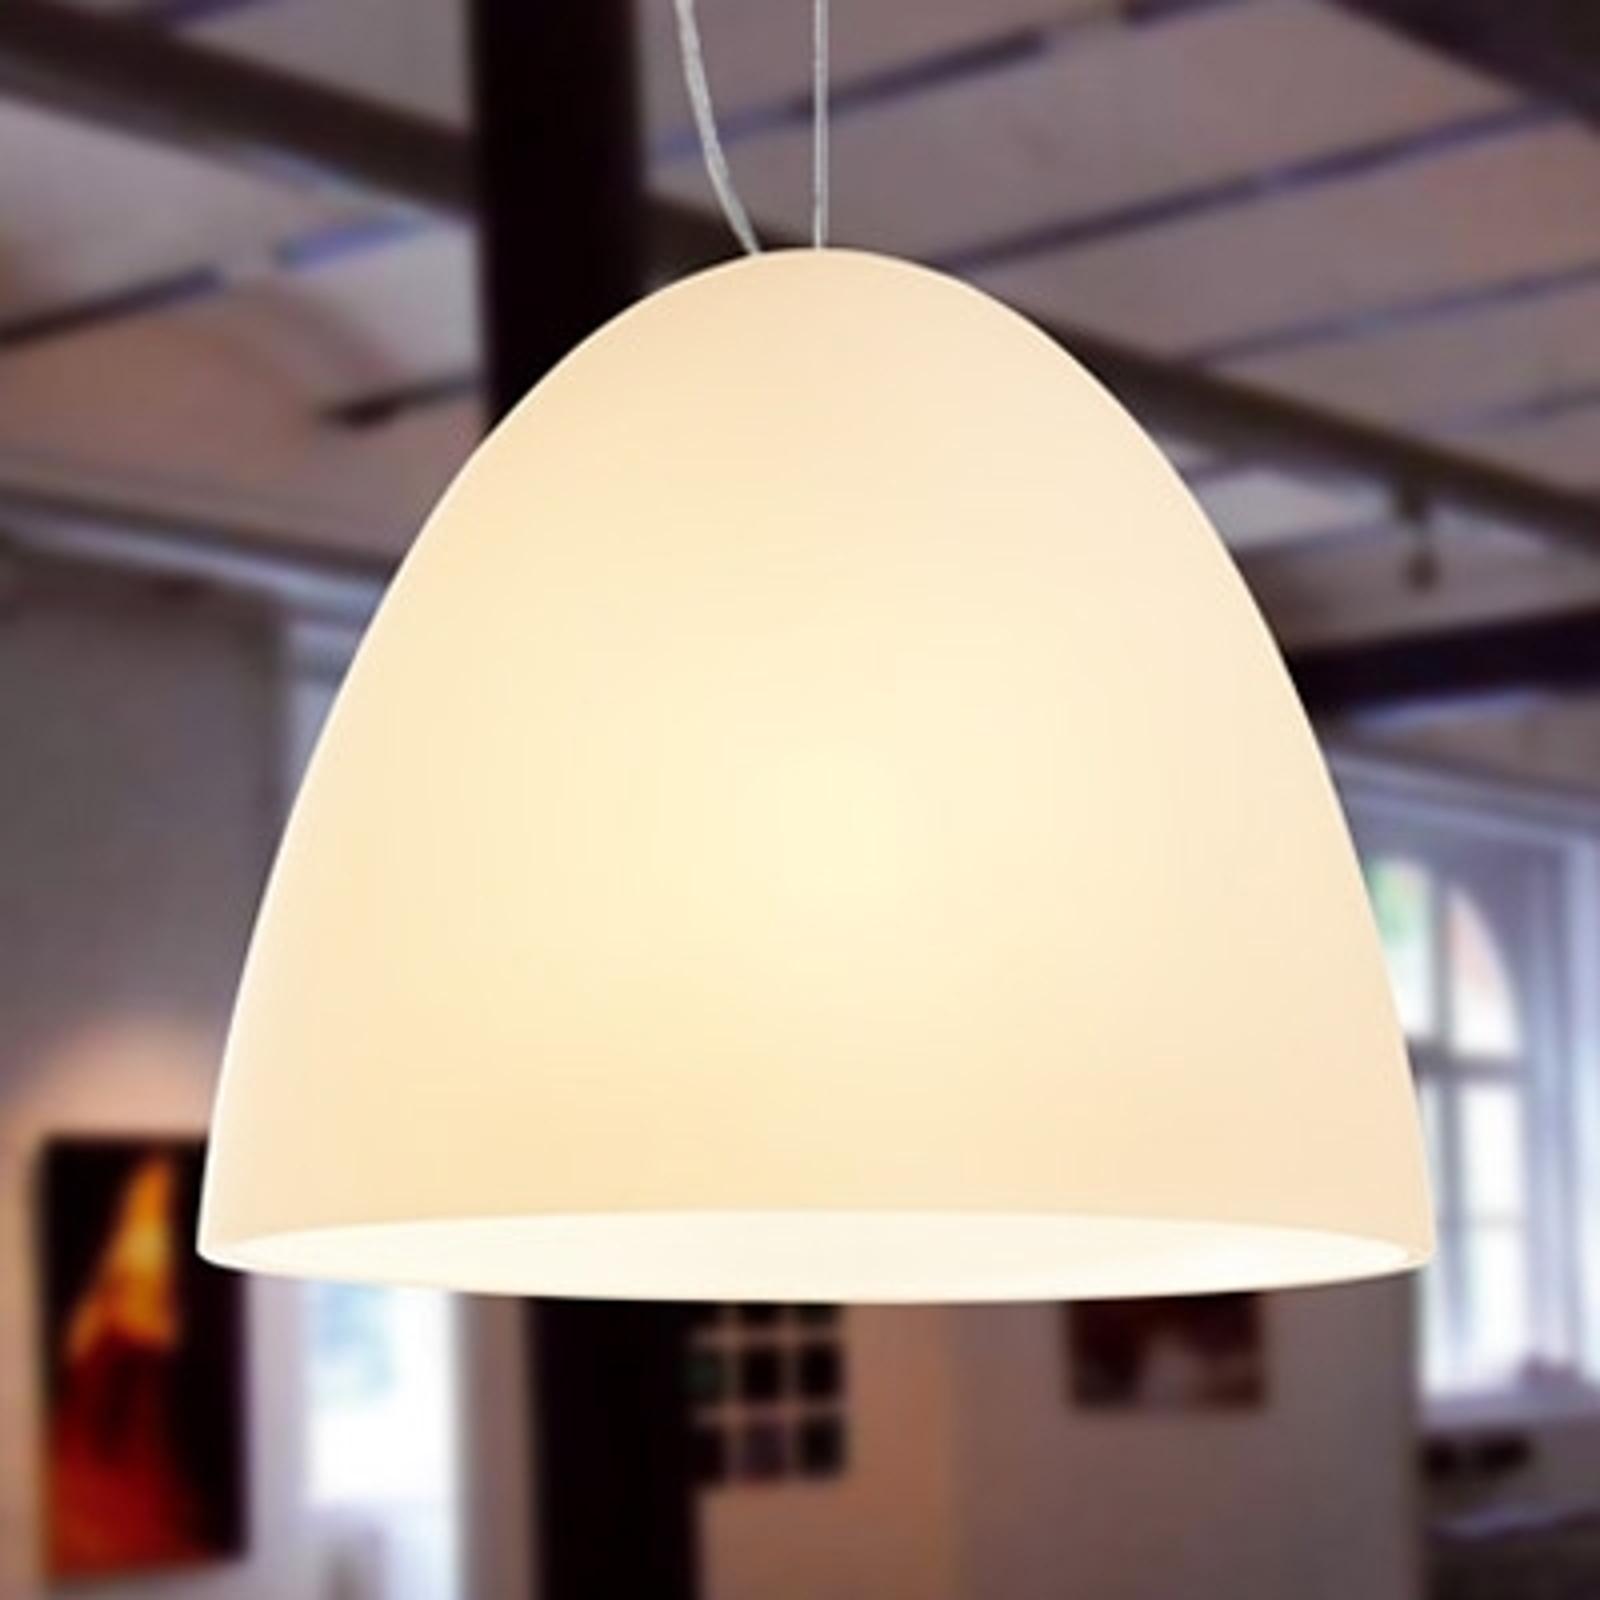 Sandfärgad hänglampa BELL, 21 cm, 1 ljuskälla